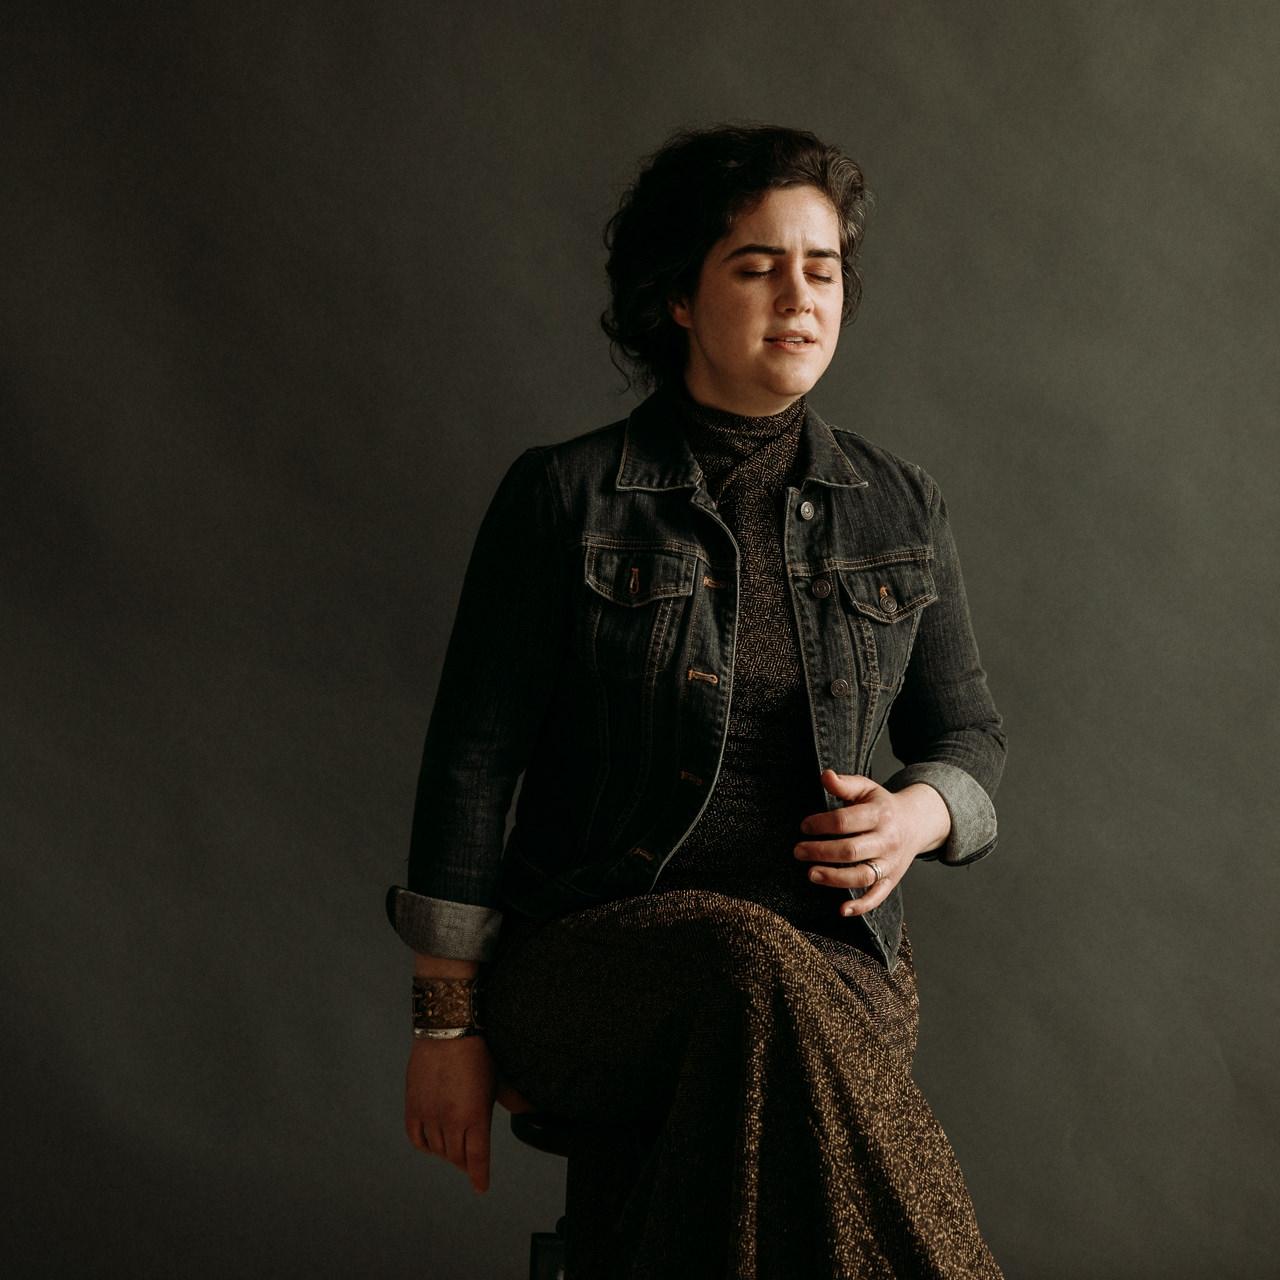 Voice teacher Ashley Daneman